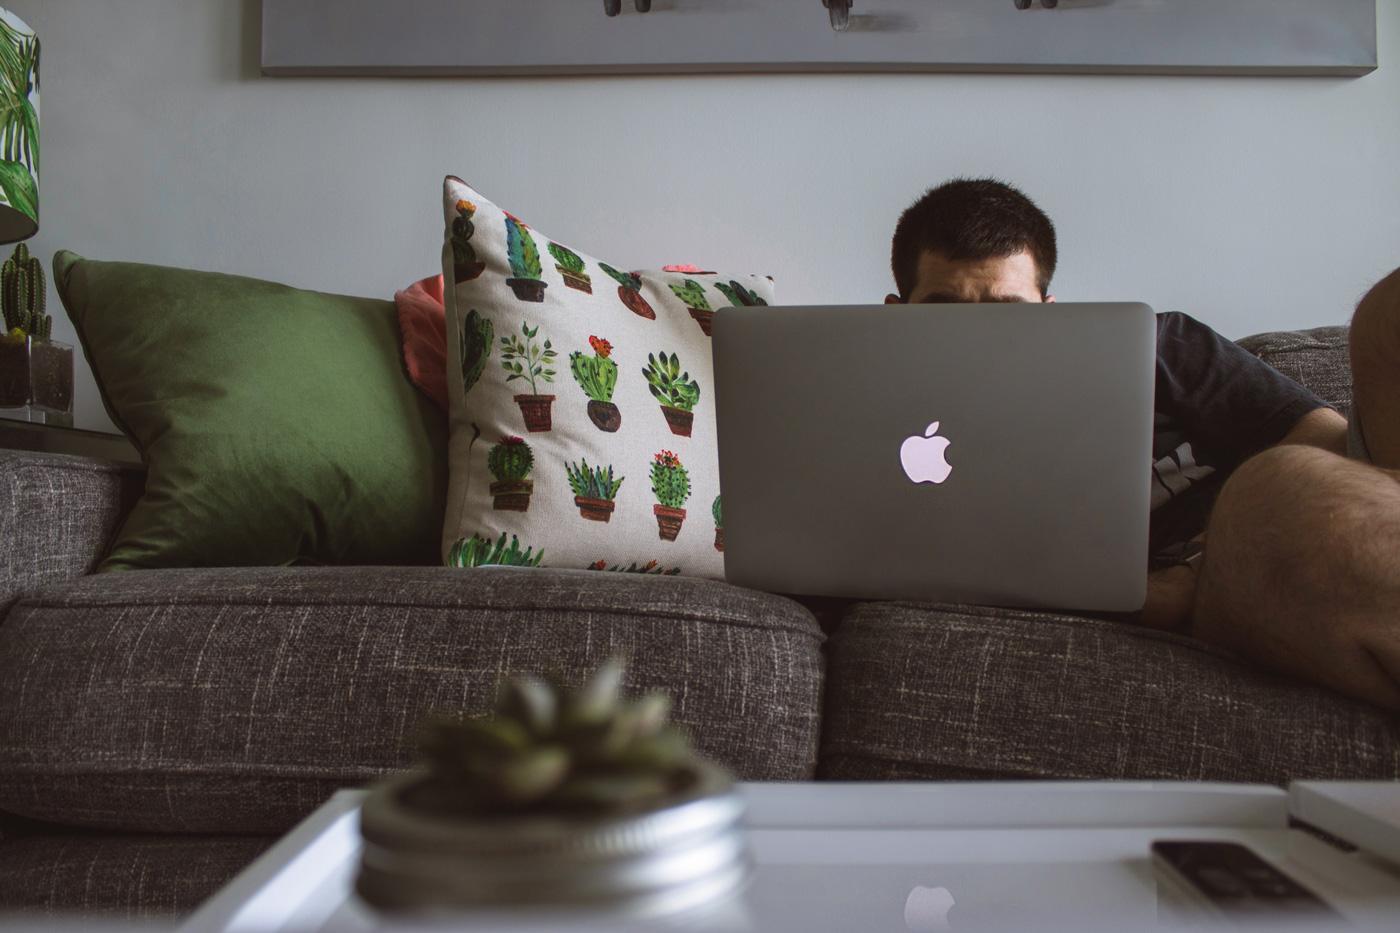 👨🏼💻 Дослідження: 45% людей віддалено працюють на дивані, 38% в ліжку